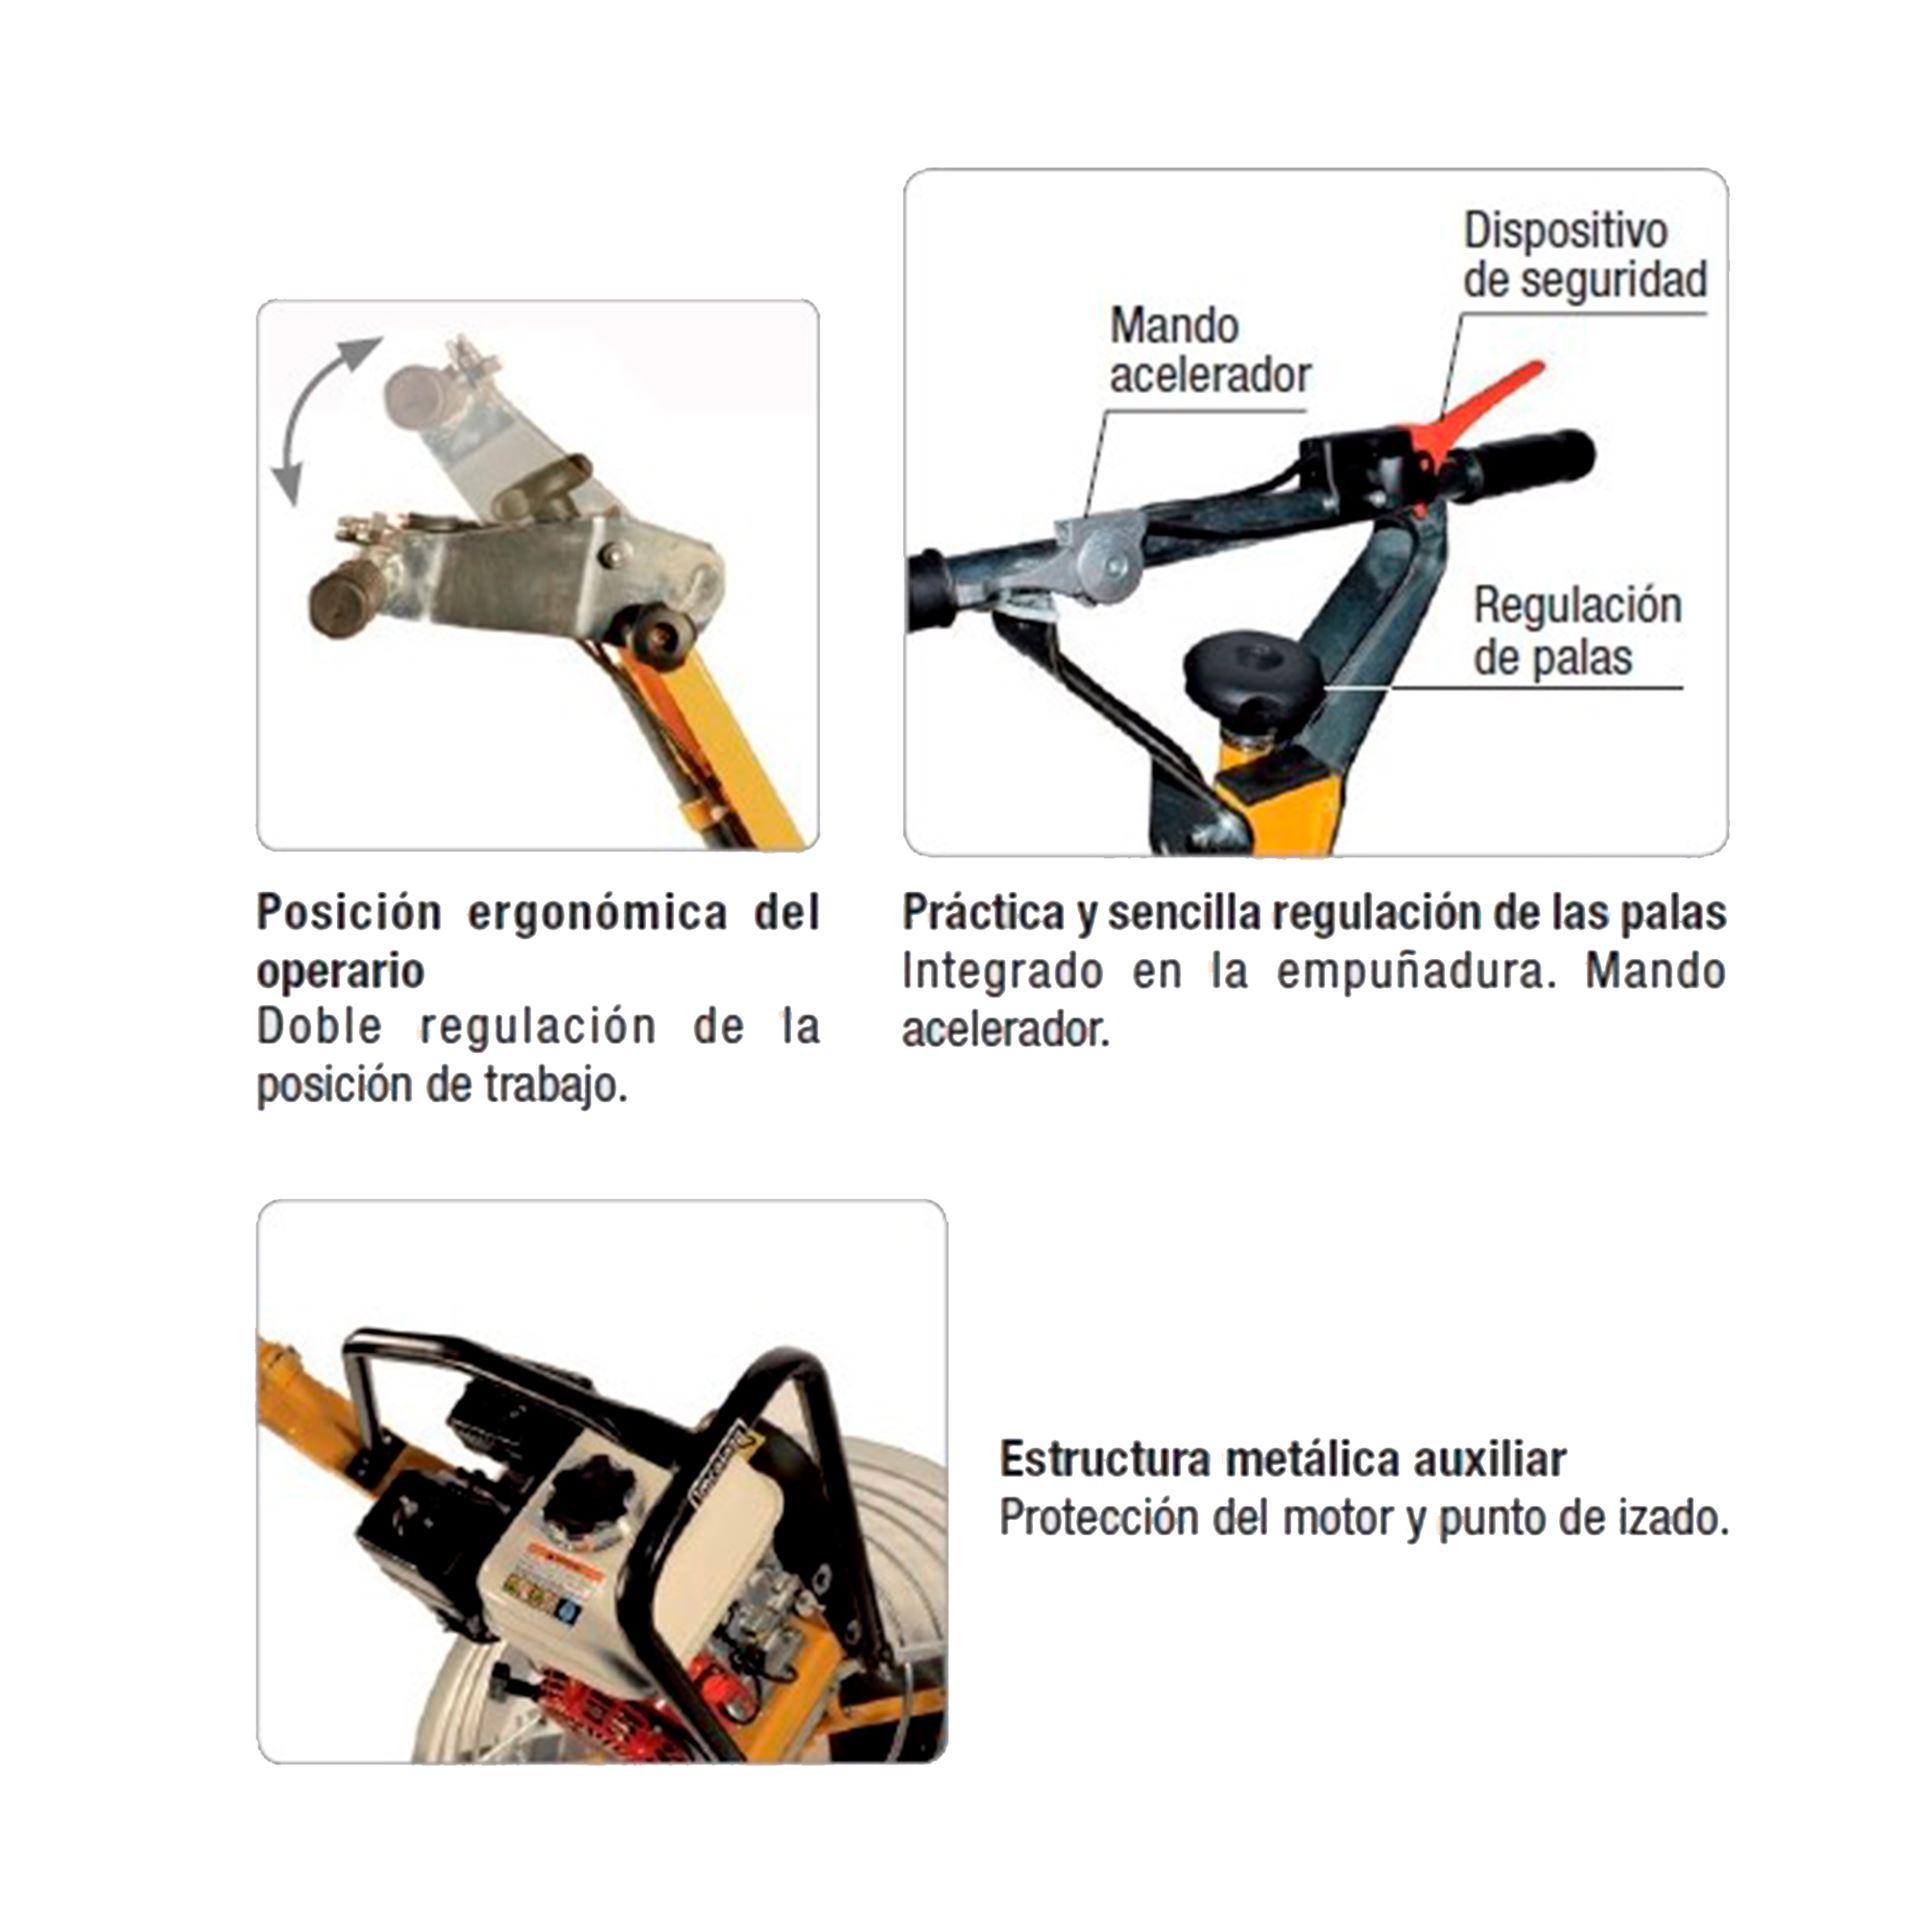 Imagen de Fratasadora hormigón Imcoinsa 2A10 motor Honda